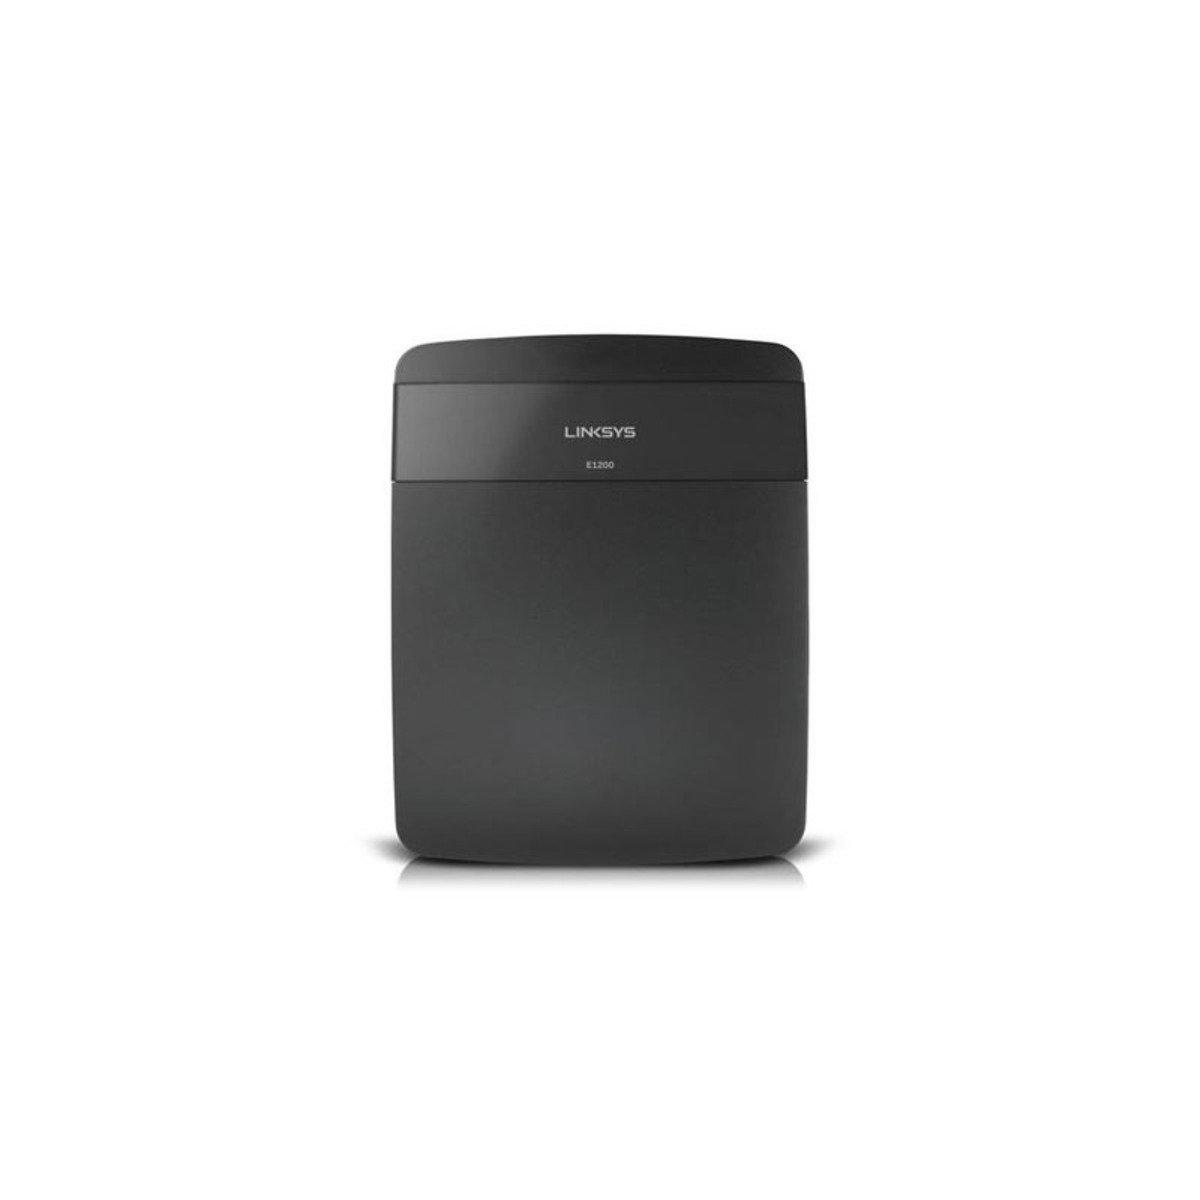 N300 無線單頻路由器 E1200-AP